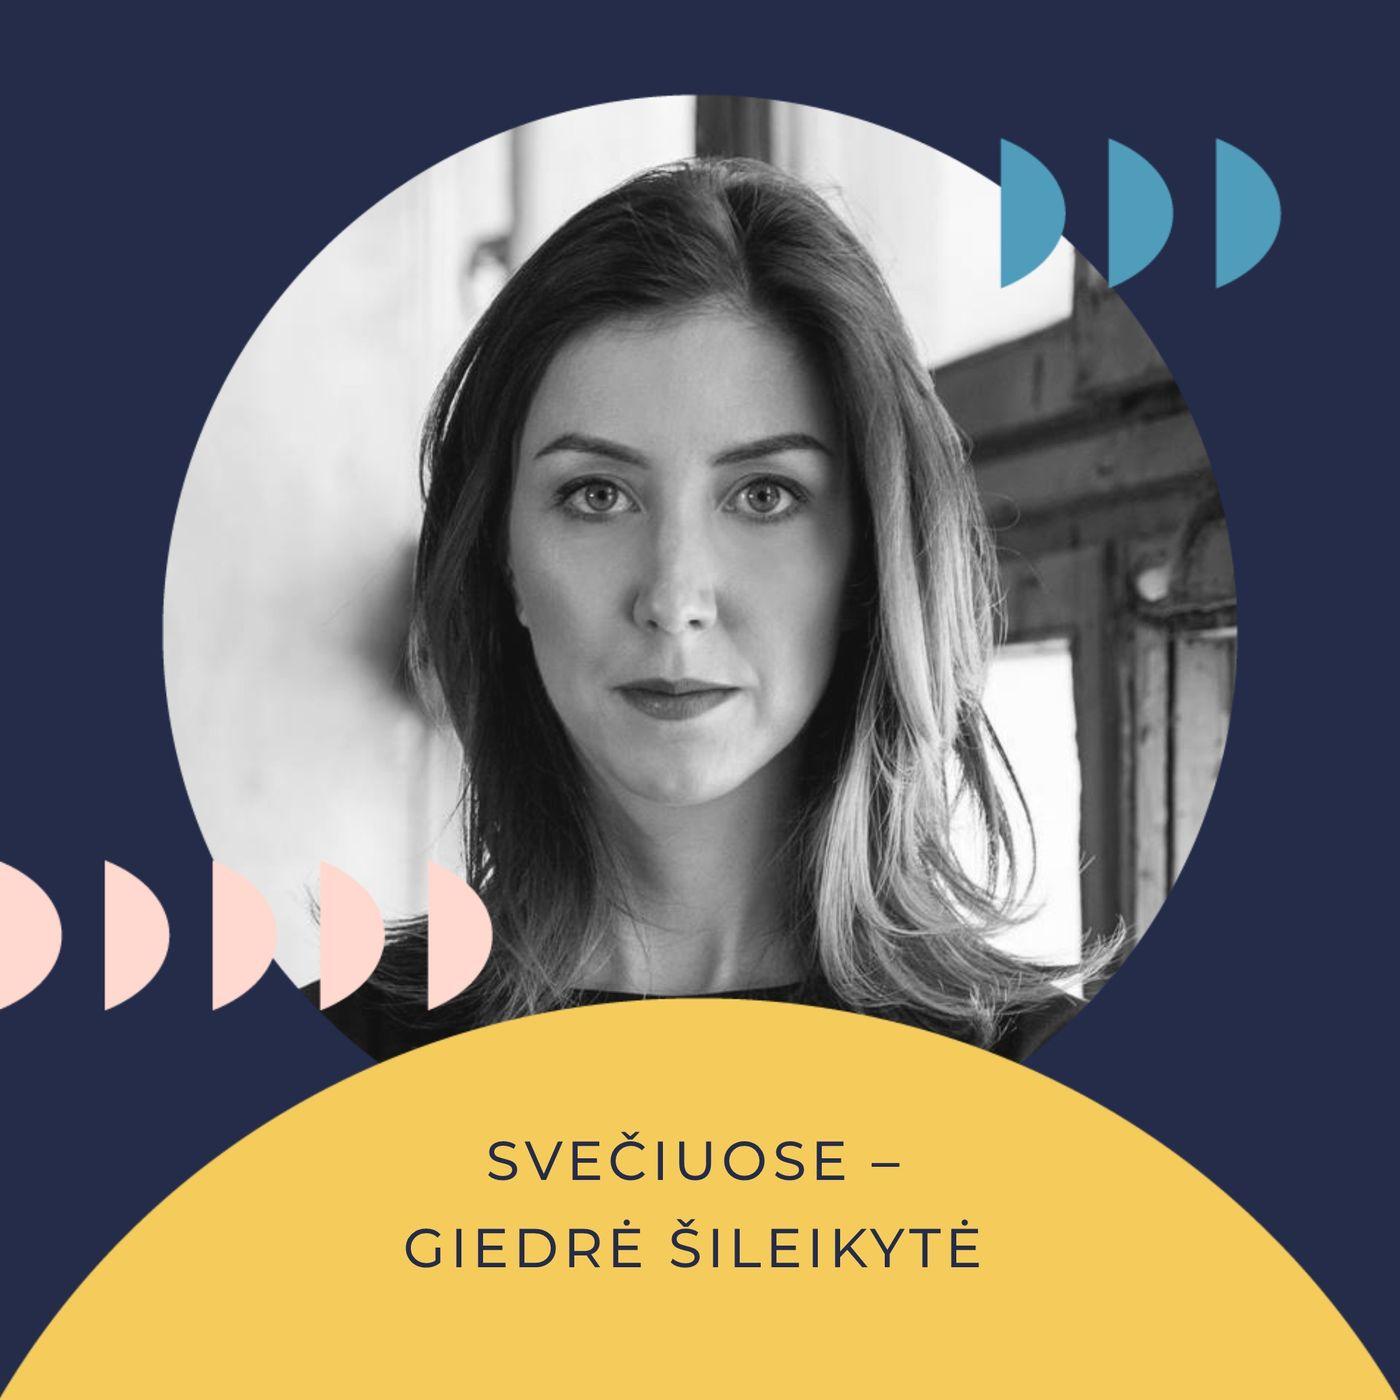 Savo galva. Giedrė Šileikytė: Apie kūrybingumą, kritinį mąstymą ir vertybes reklamos pasaulyje